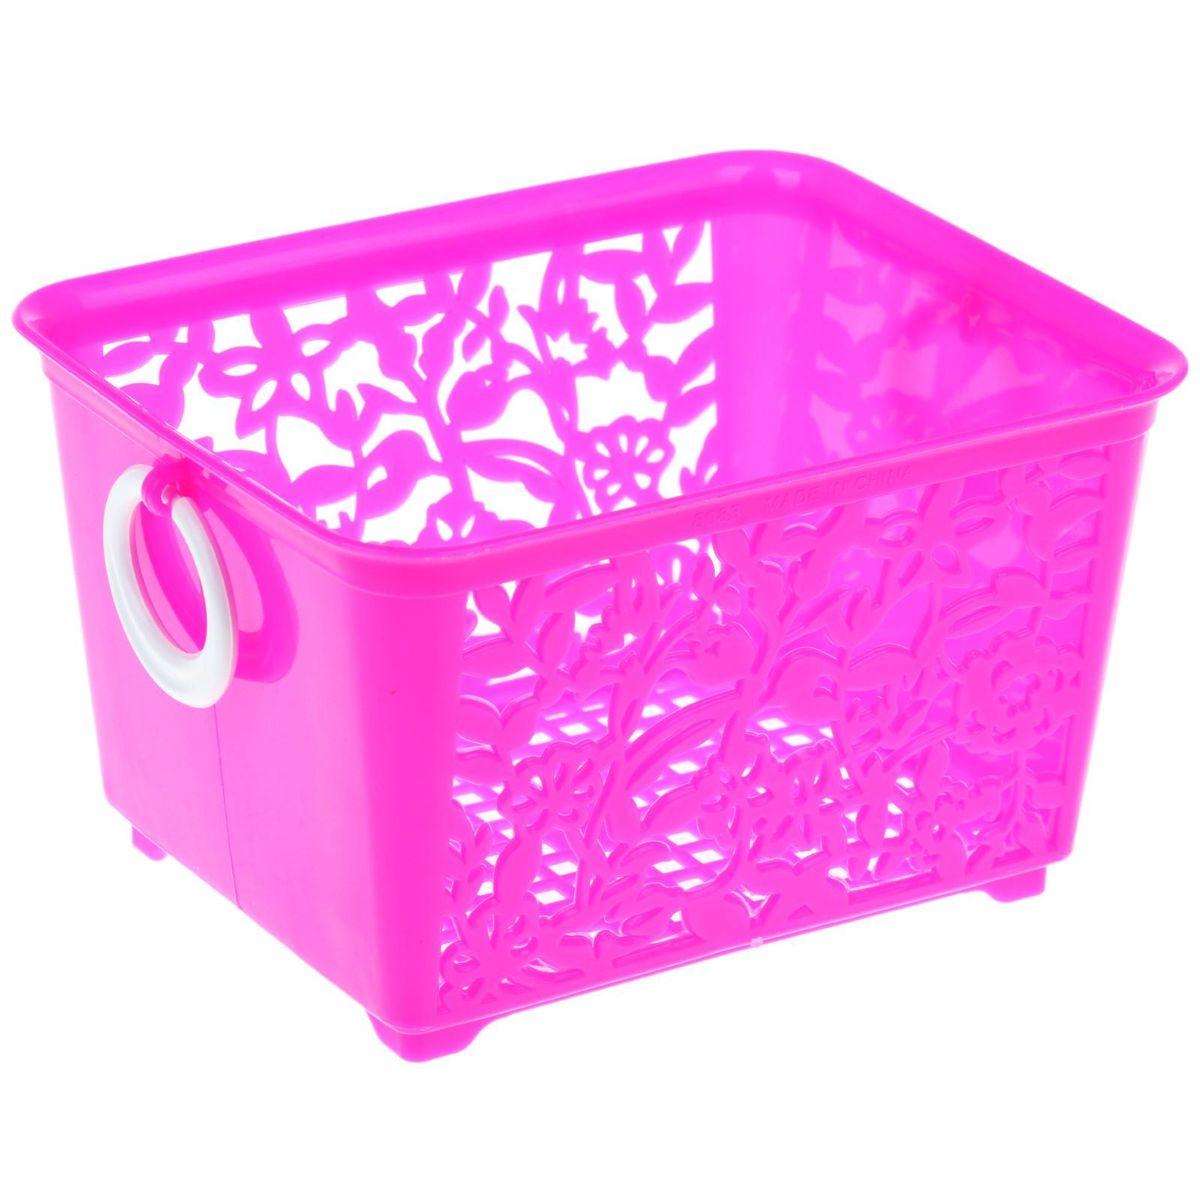 Корзинка для мелочей с ручками, 14*11,5*8 см, 184975 цвет: розовый184975Корзинка для мелочей с ручками, 14*11,5*8 см, 184975 Материал: Пластик